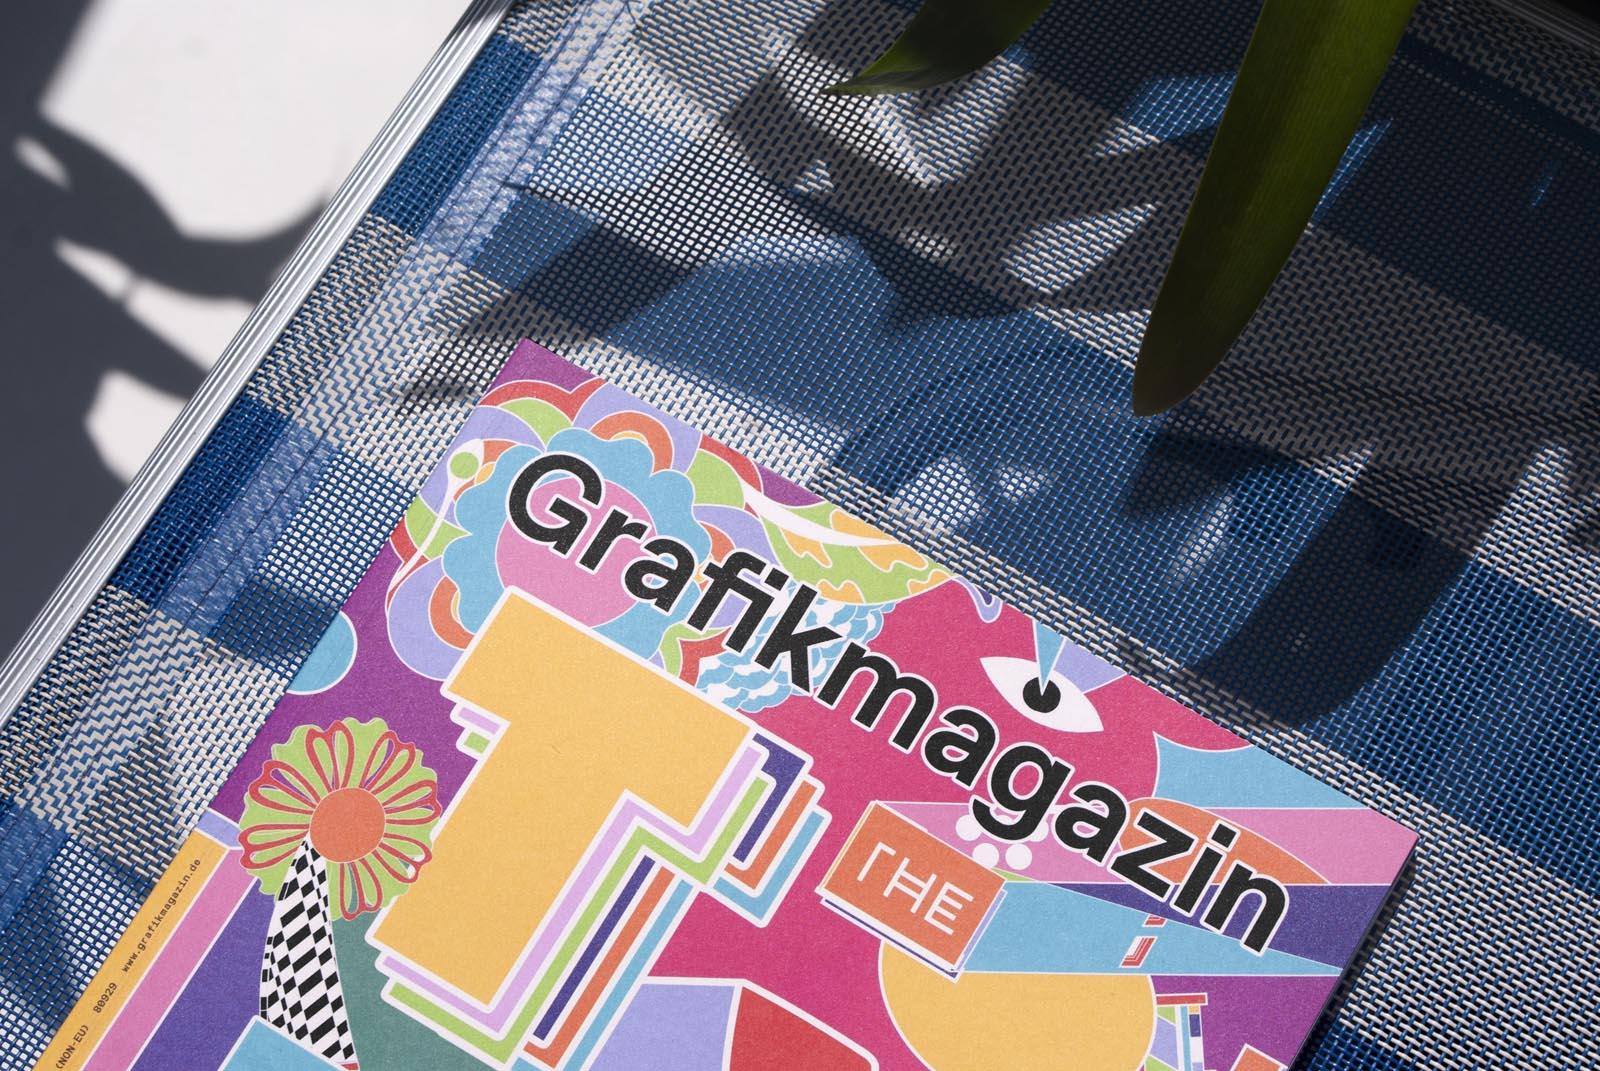 Grafikmagazin 04.21 – Schwerpunkt Typografie